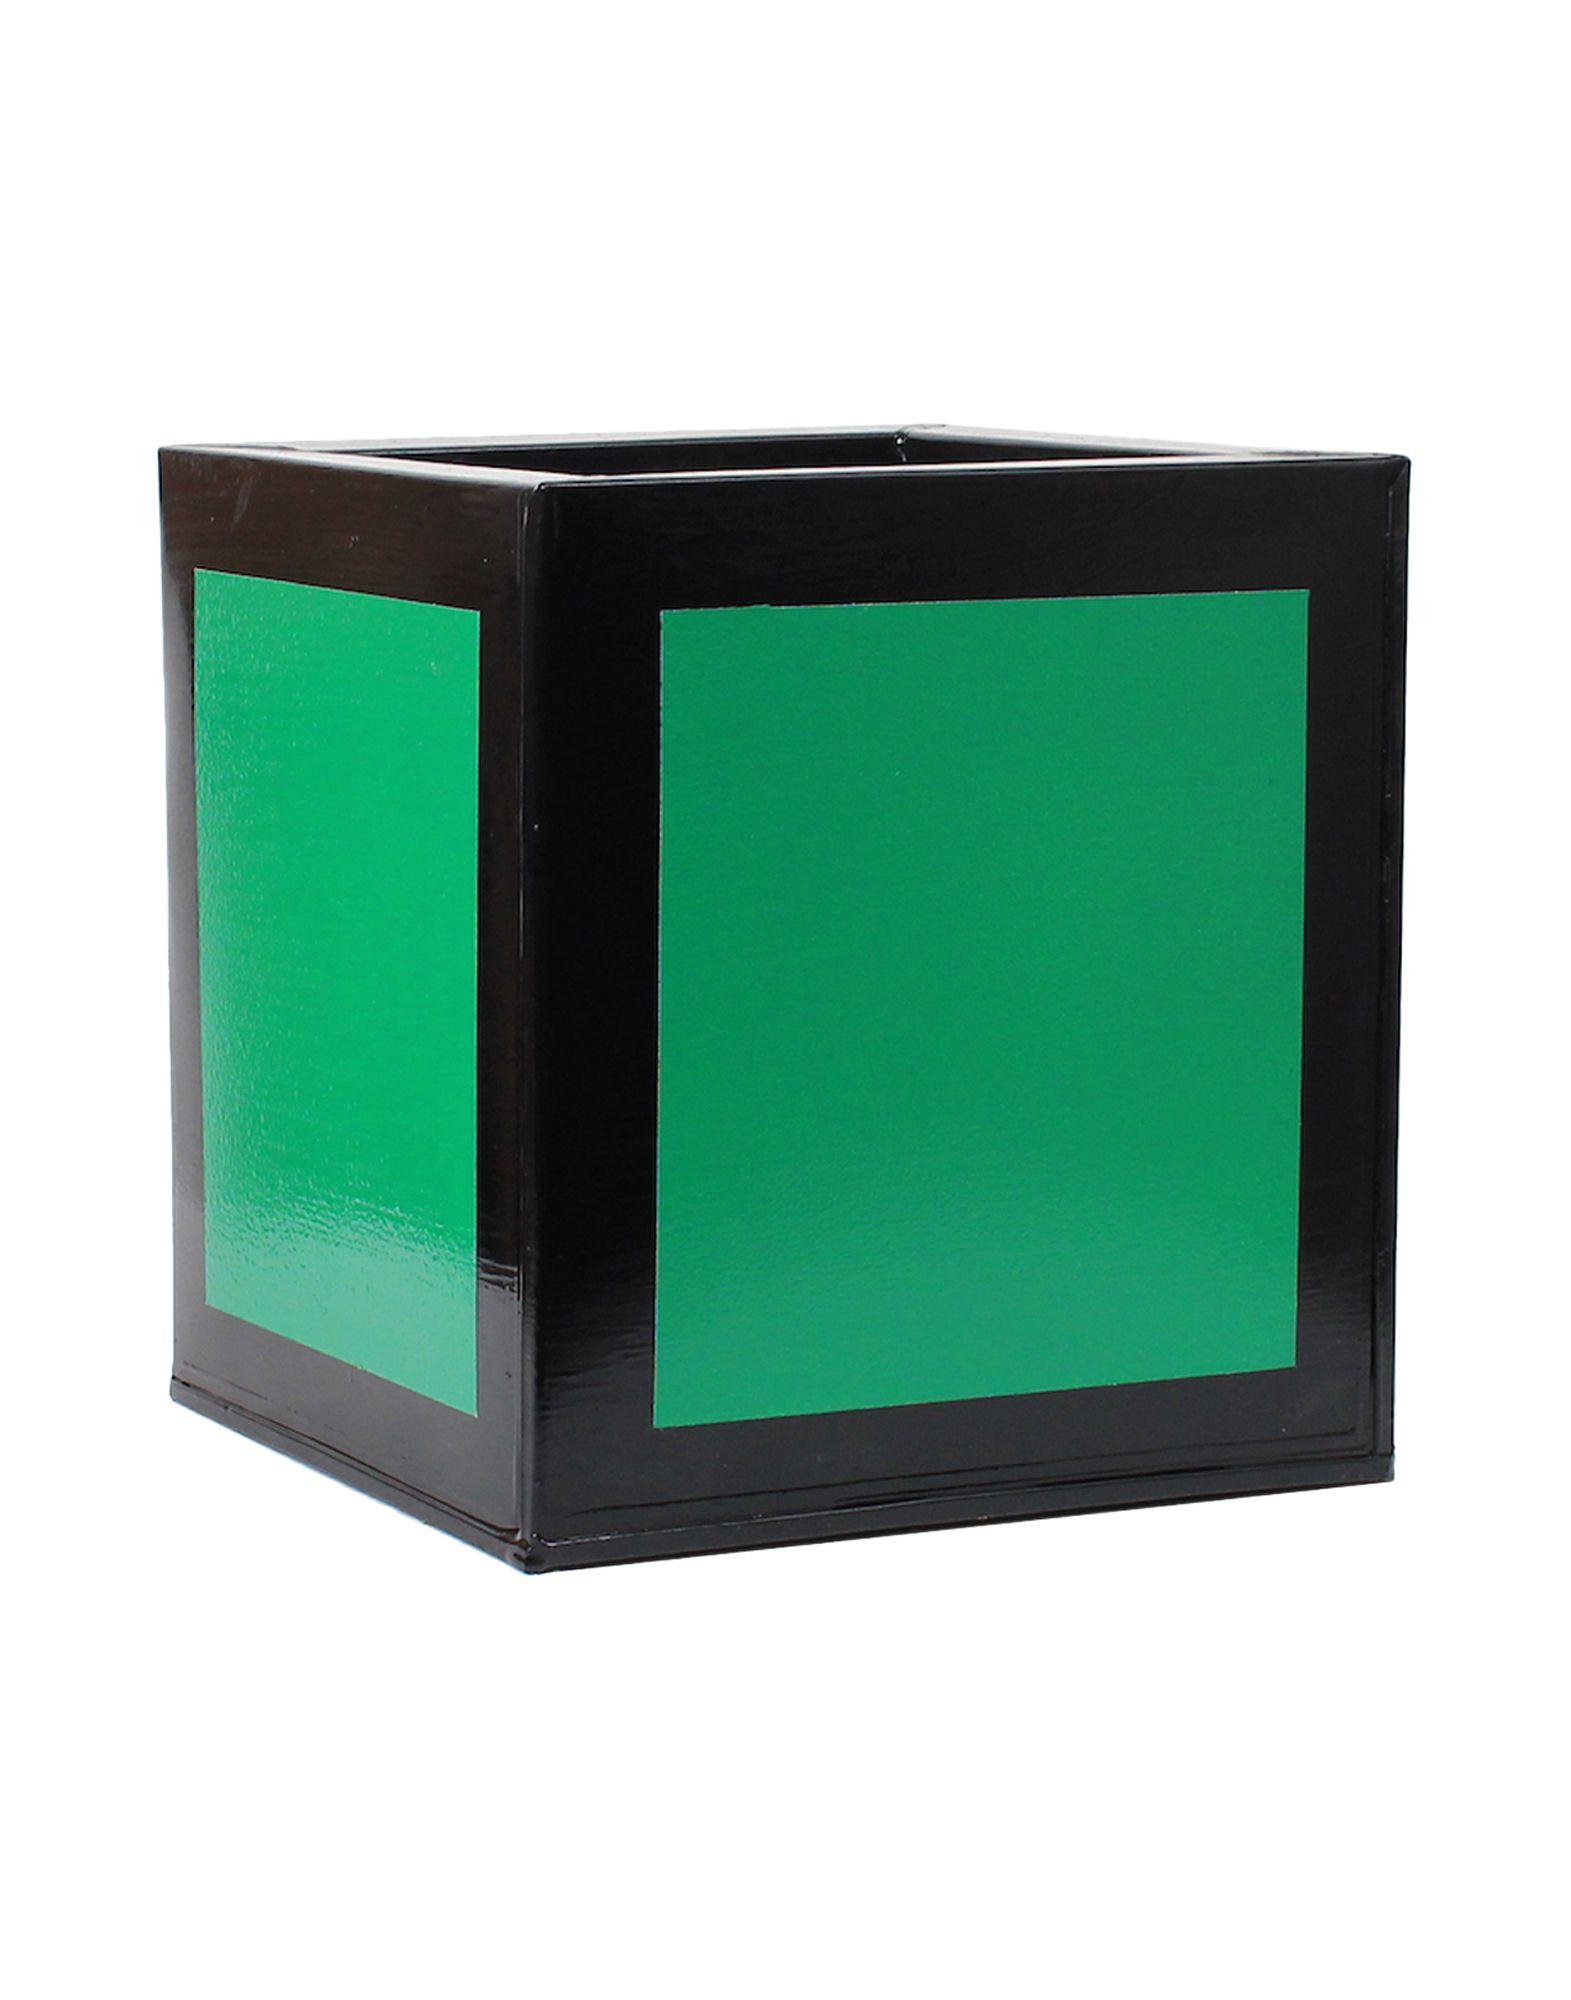 Darkroom darkroom complementi d 39 arredo vasi on for Complementi d arredo vasi